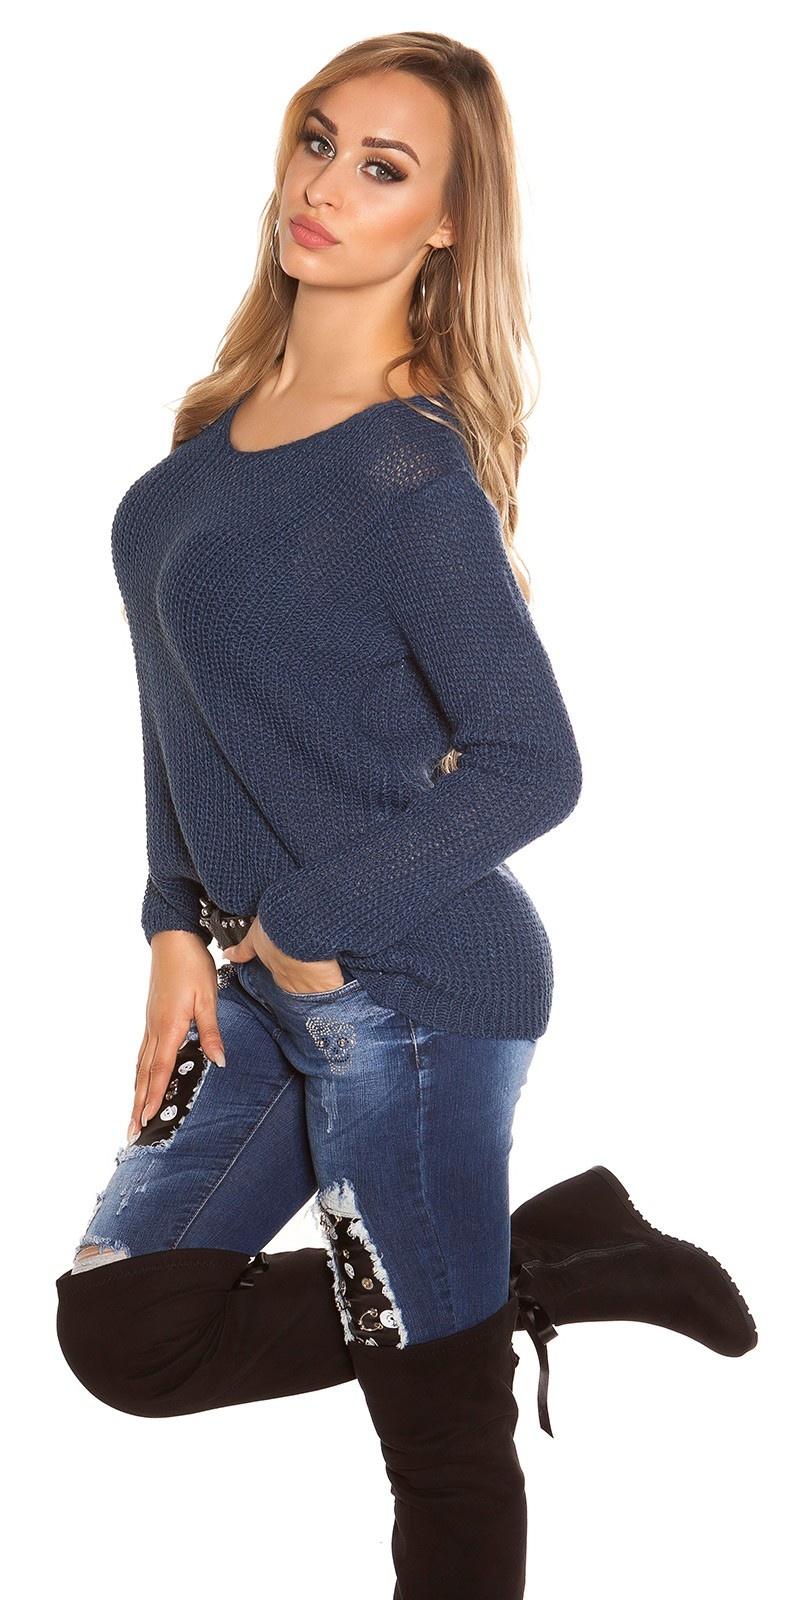 Trendy ruw-grof gebreide sweater-trui met ronde hals marineblauw